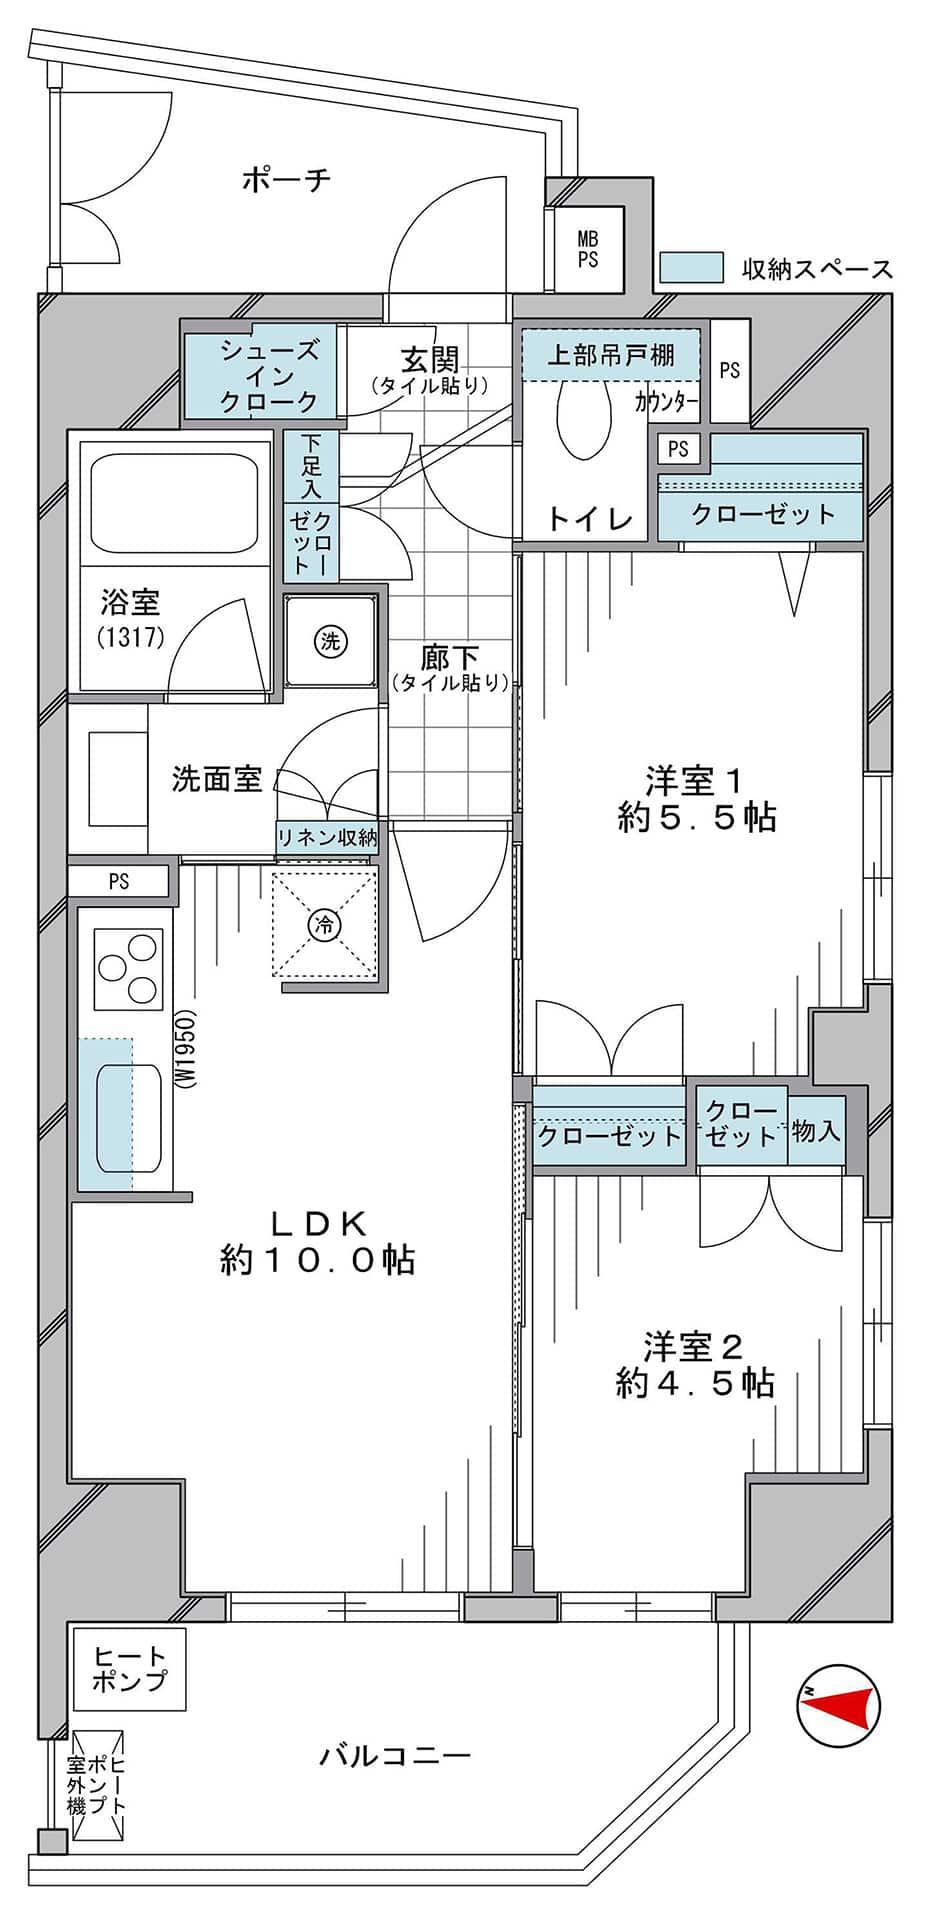 クリオ元浅草 4駅5路線が使える元浅草エリア